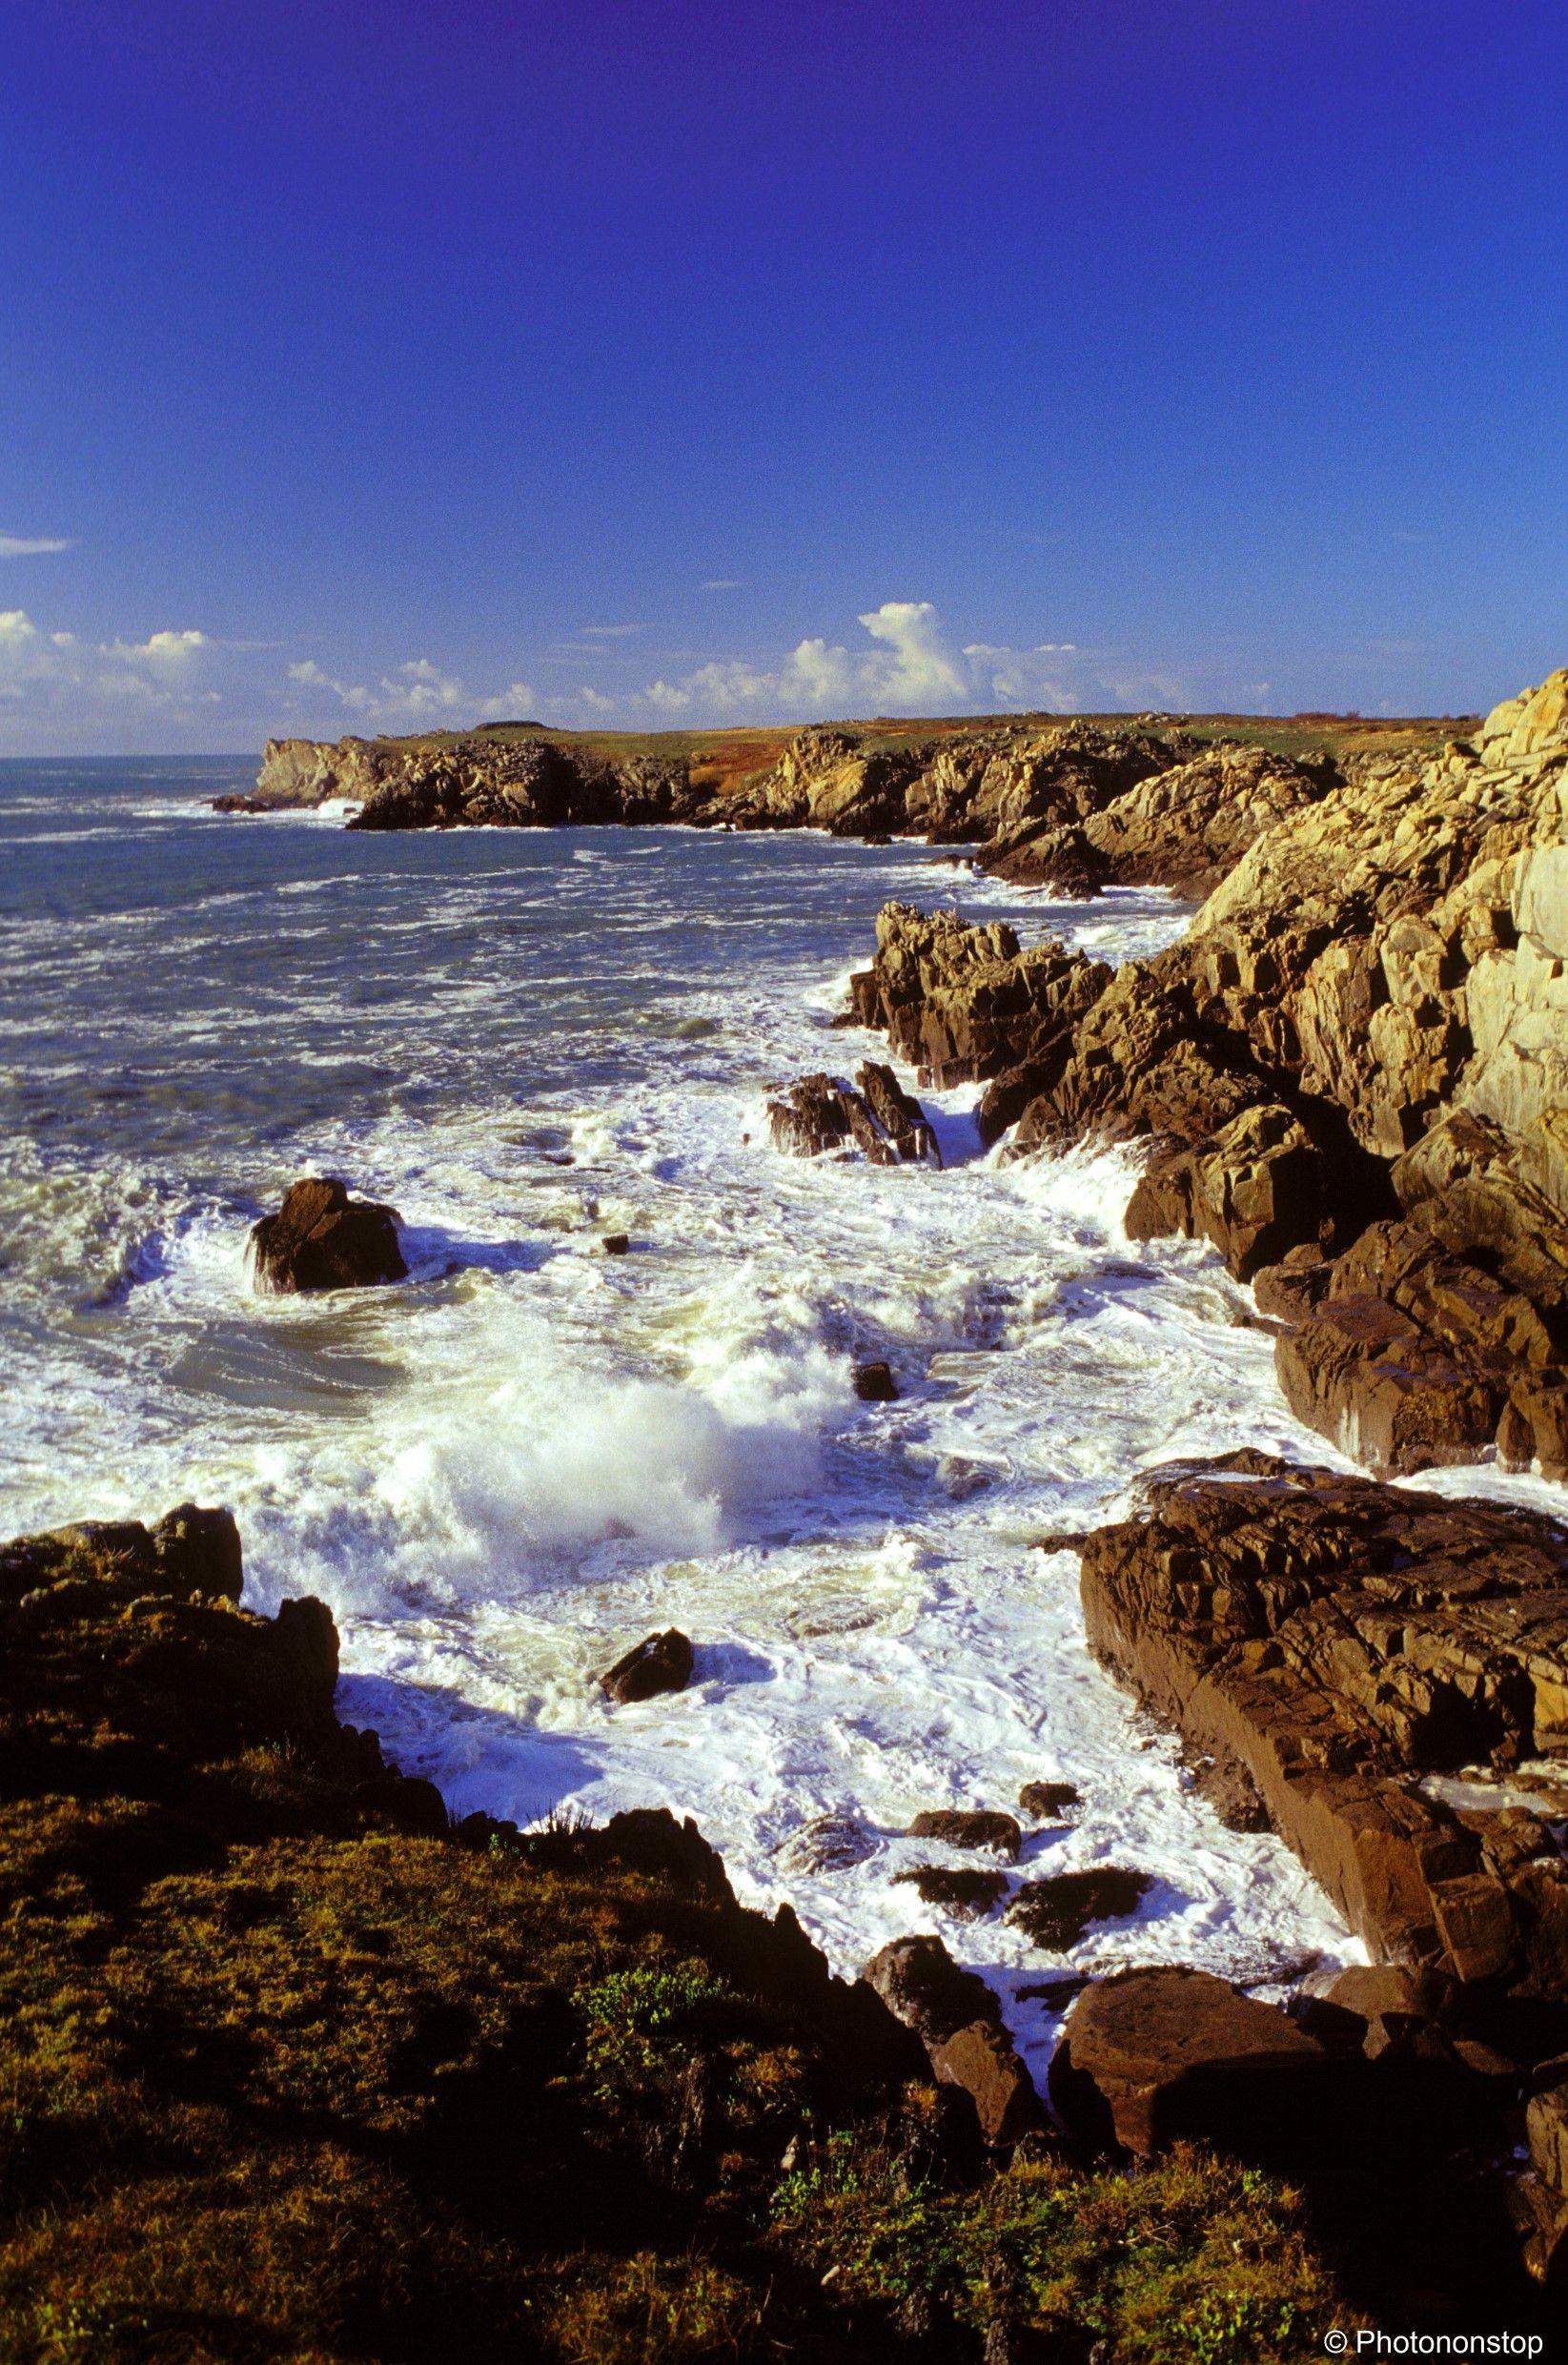 Les cinq pineaux Sion sur l Océan en Vendée Vendée